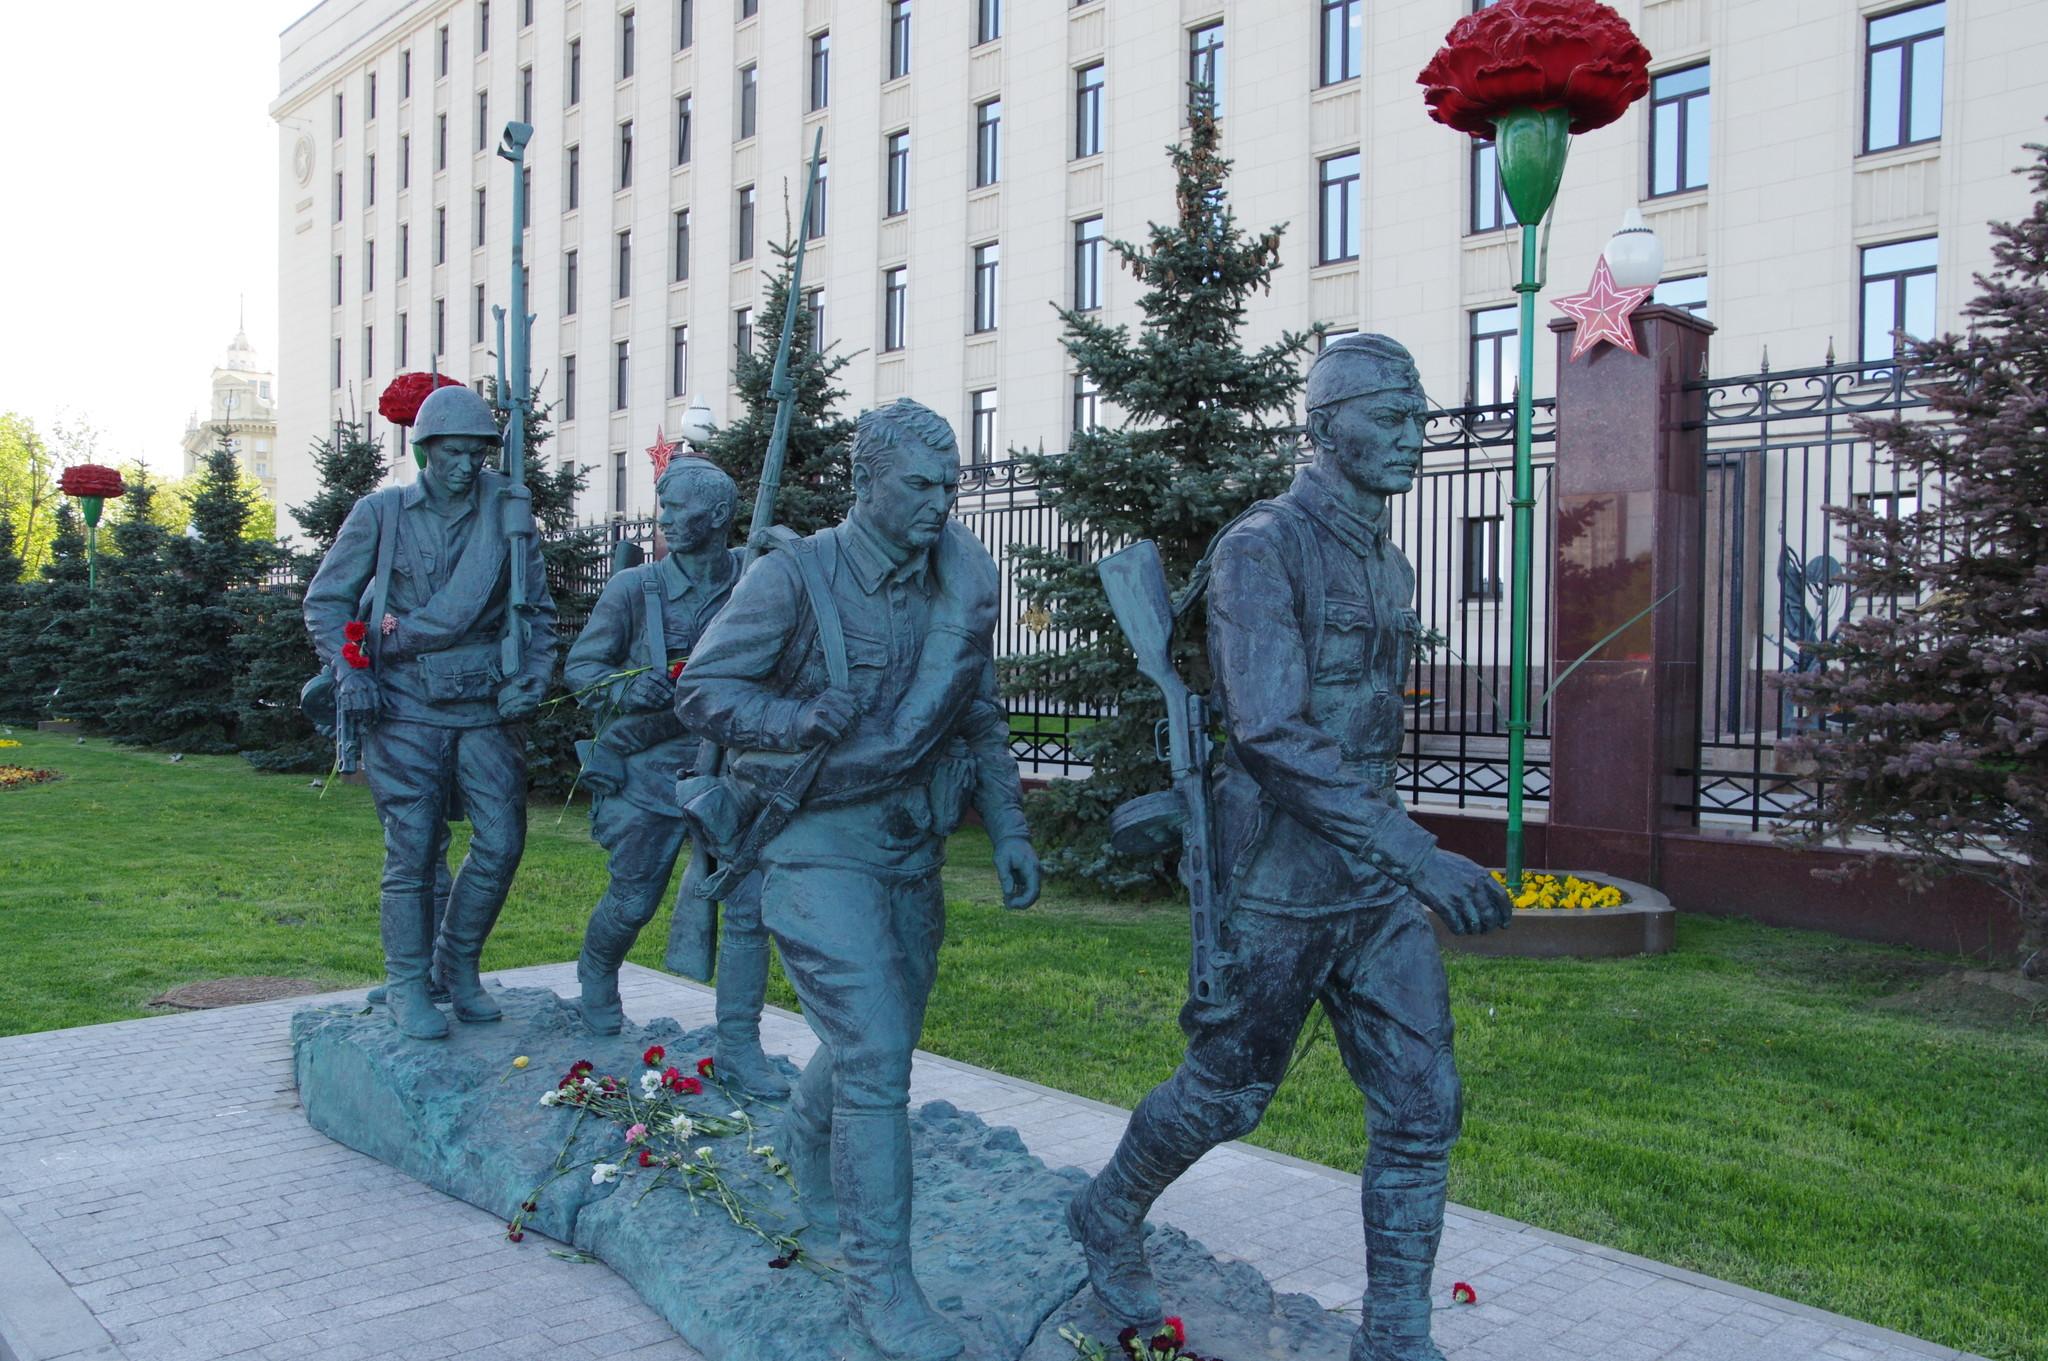 Памятник героям фильма «Они сражались за Родину» на Фрунзенской набережной в Москве